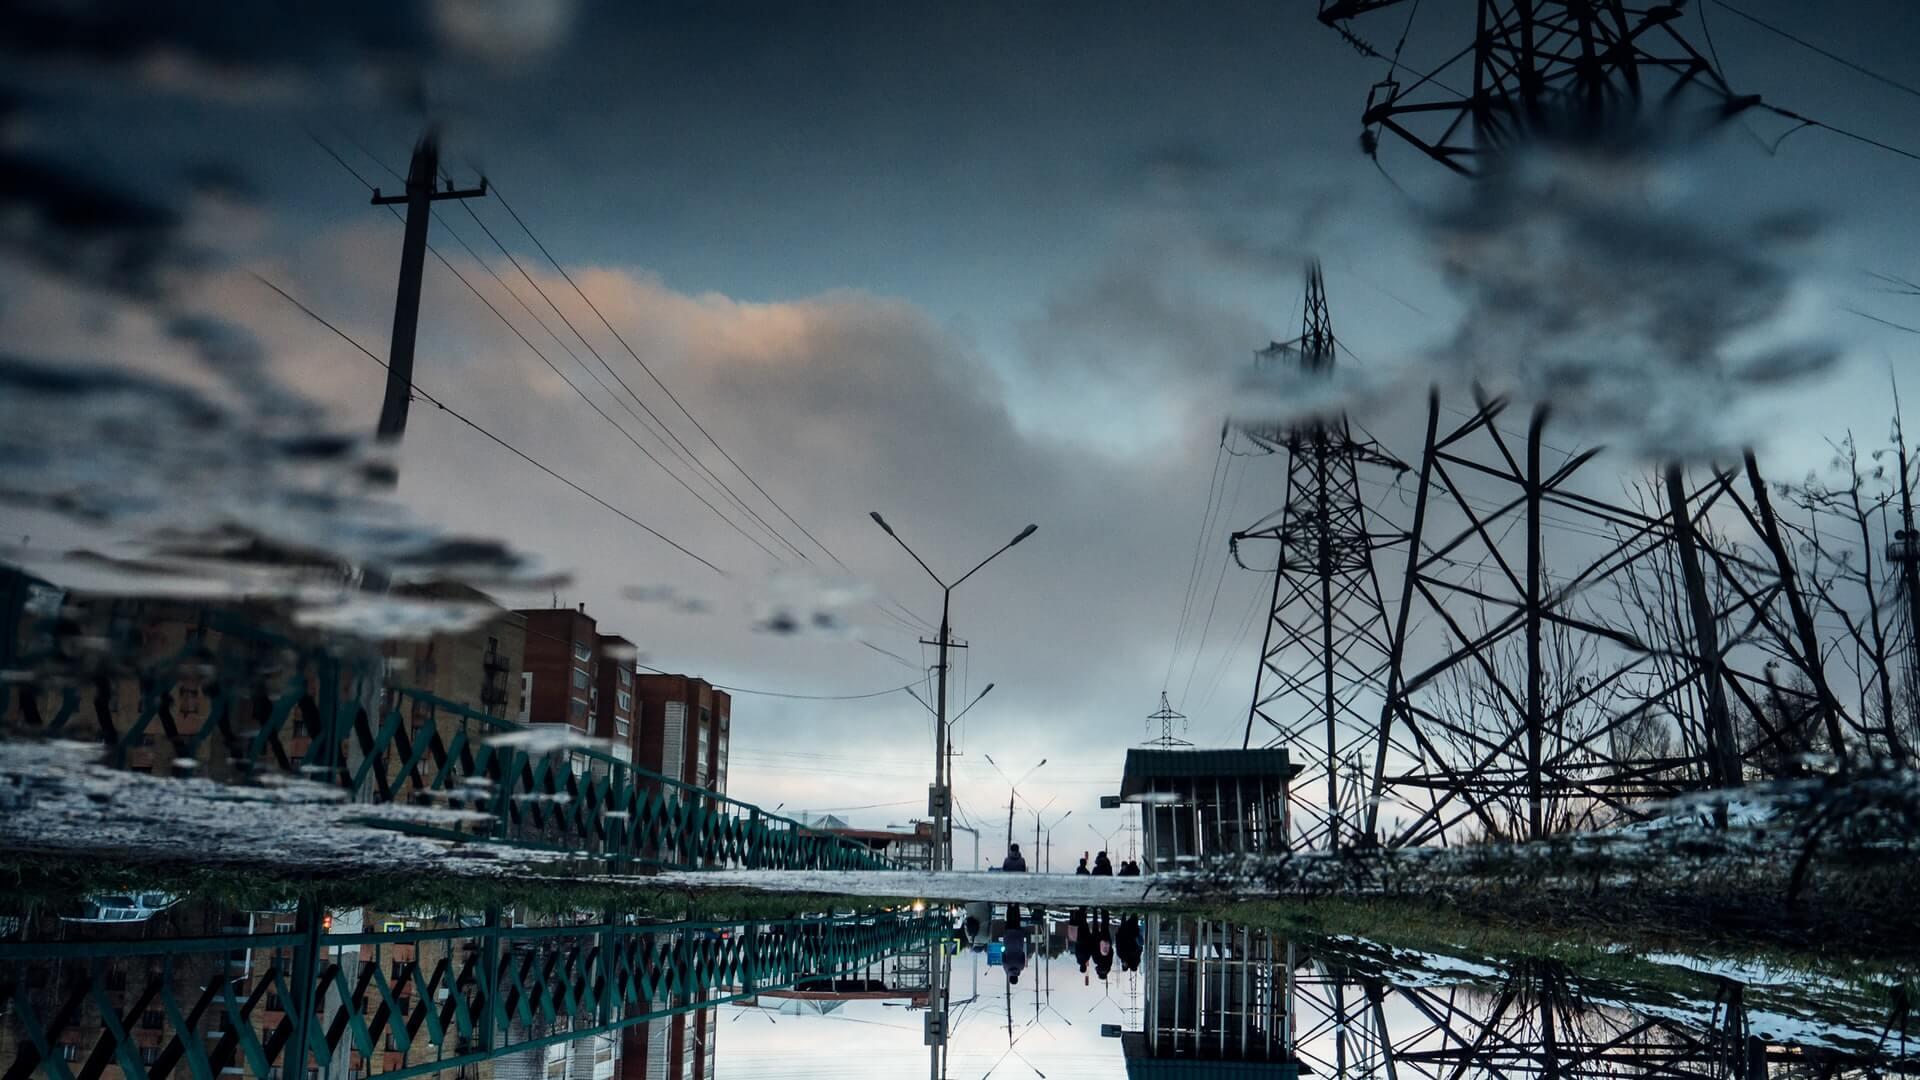 2021年冬、東京エリア約50万kW不足見通し。調整力公募で追加調達か